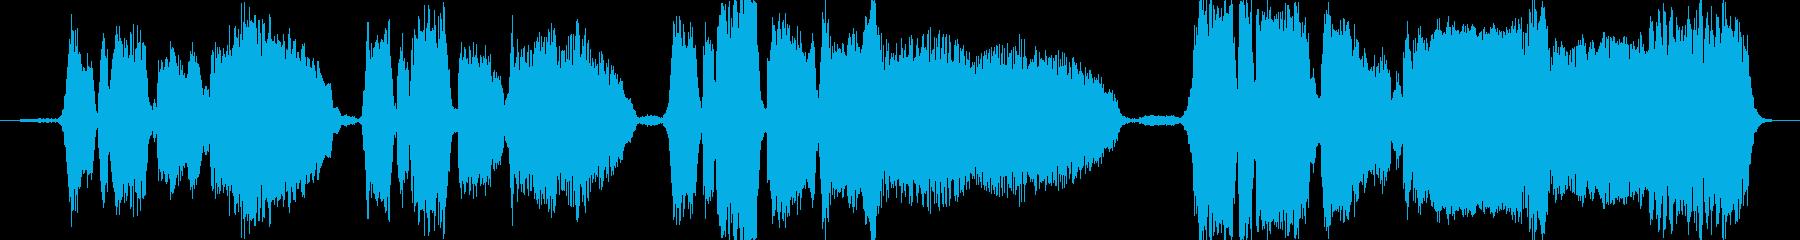 バースデーソングを生の4声アカペラでの再生済みの波形